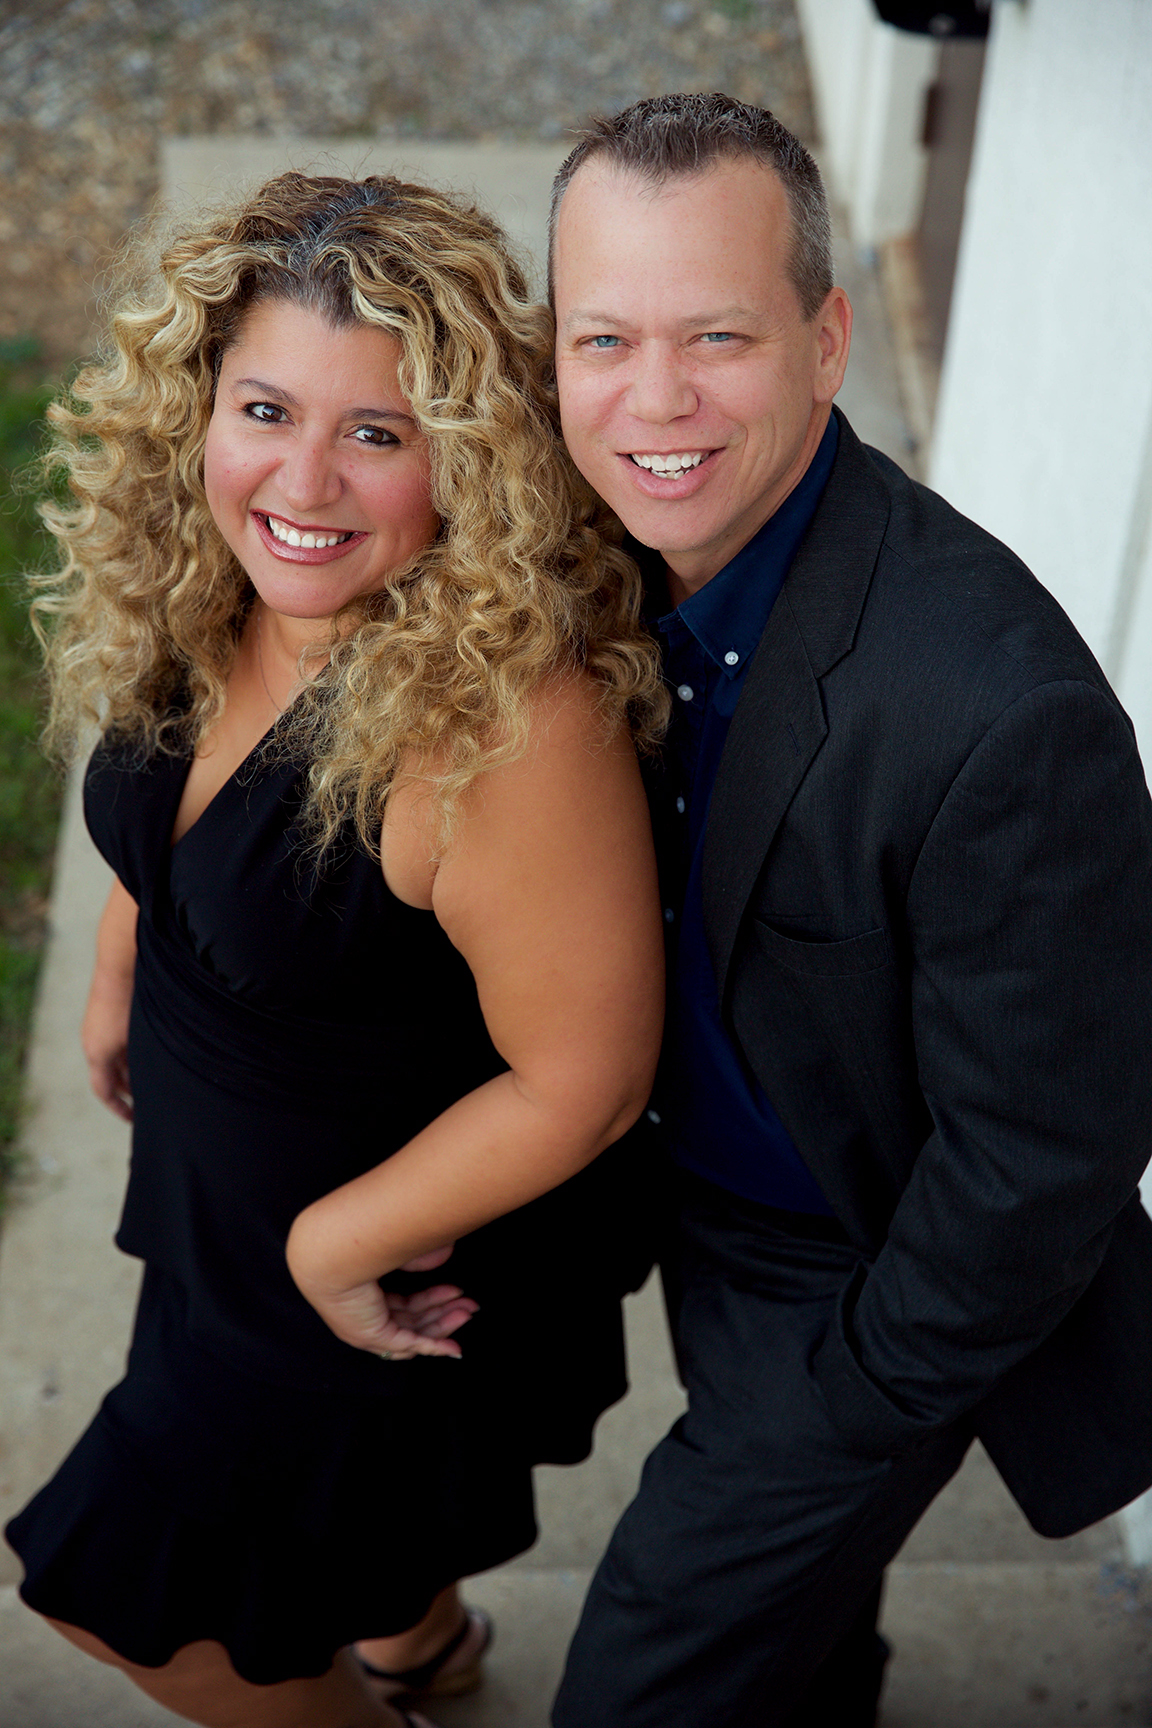 Dennis & Michelle - WMEedit_web.jpg